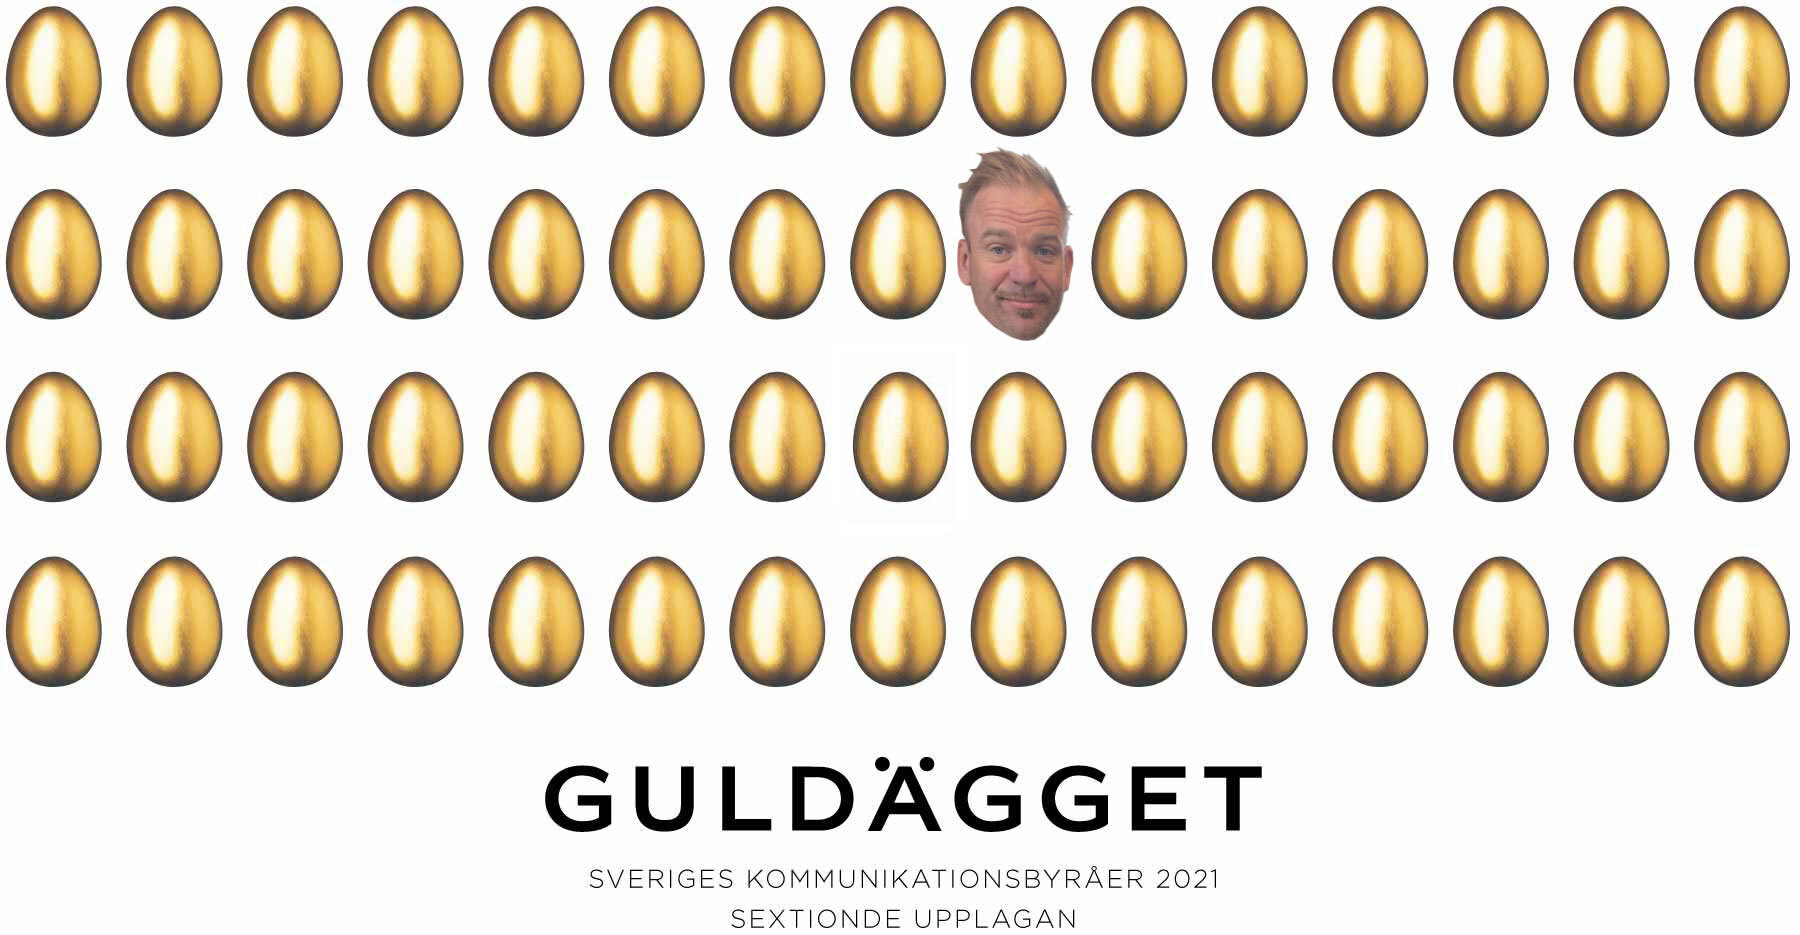 Guldägget partnership Johan damgaard